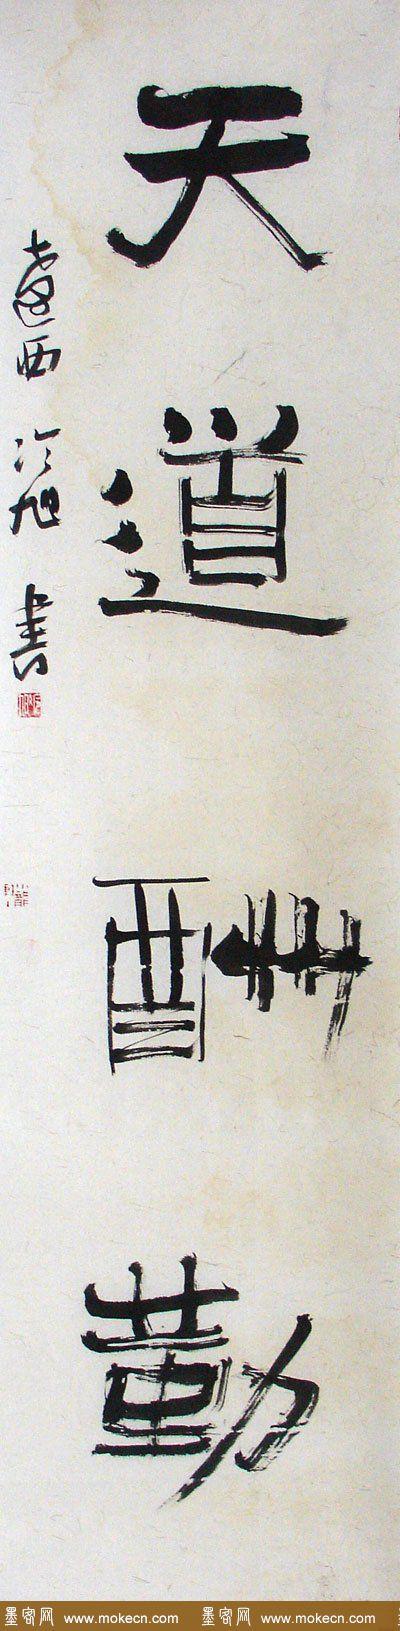 冷旭书法篆刻欣赏